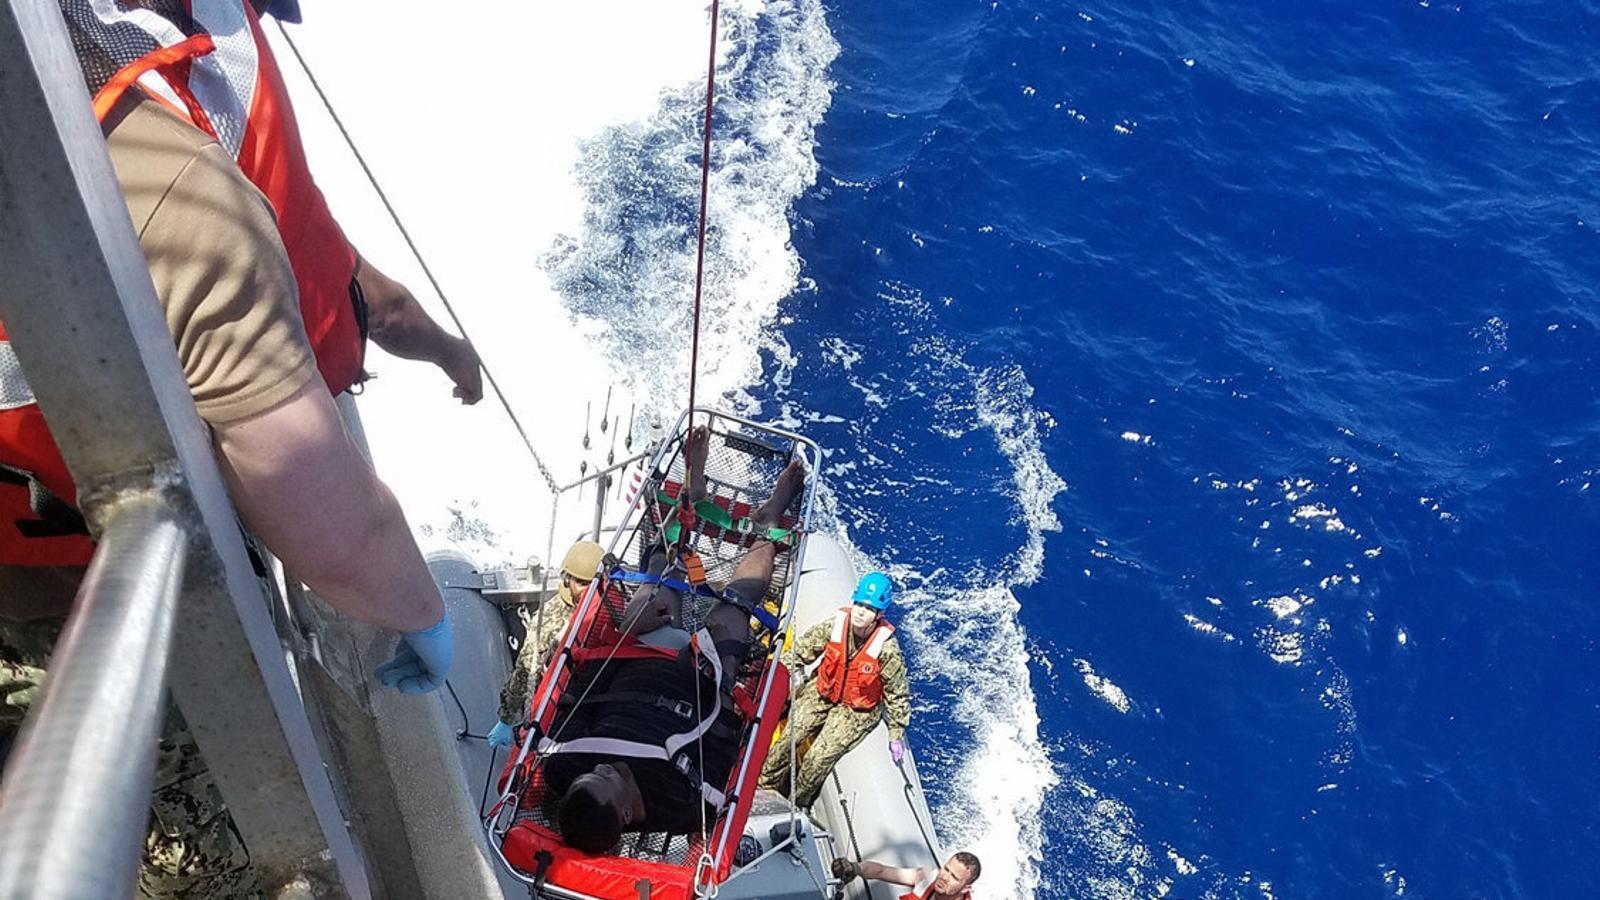 La tripulació del Trenton, un vaixell de la marina nord-americana, va rescatar 41 migrants que es va trobar durant unes maniobres que feia al Mediterrani.